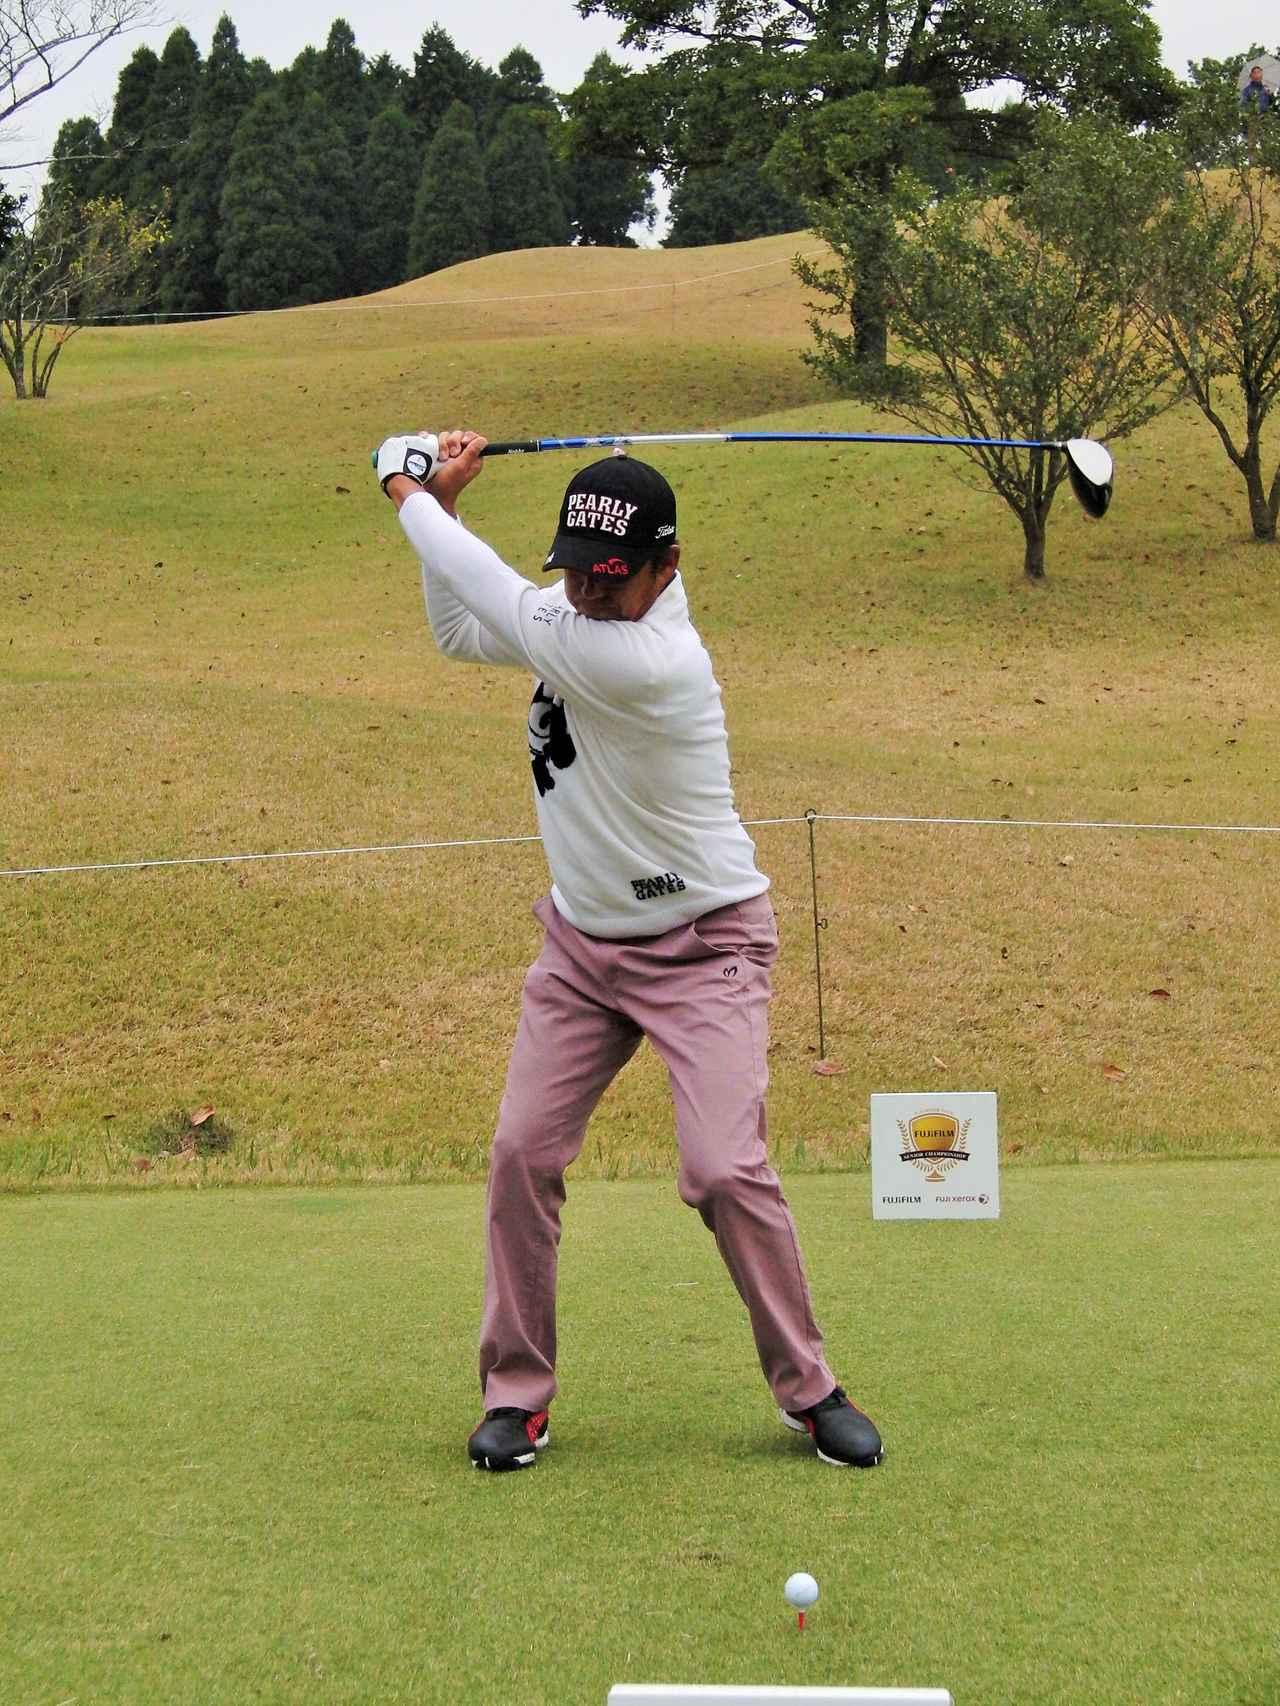 画像2: 本日誕生日! 師匠で選手。ふたつの顔を持つゴルファー・芹澤信雄【11月10日生まれ】